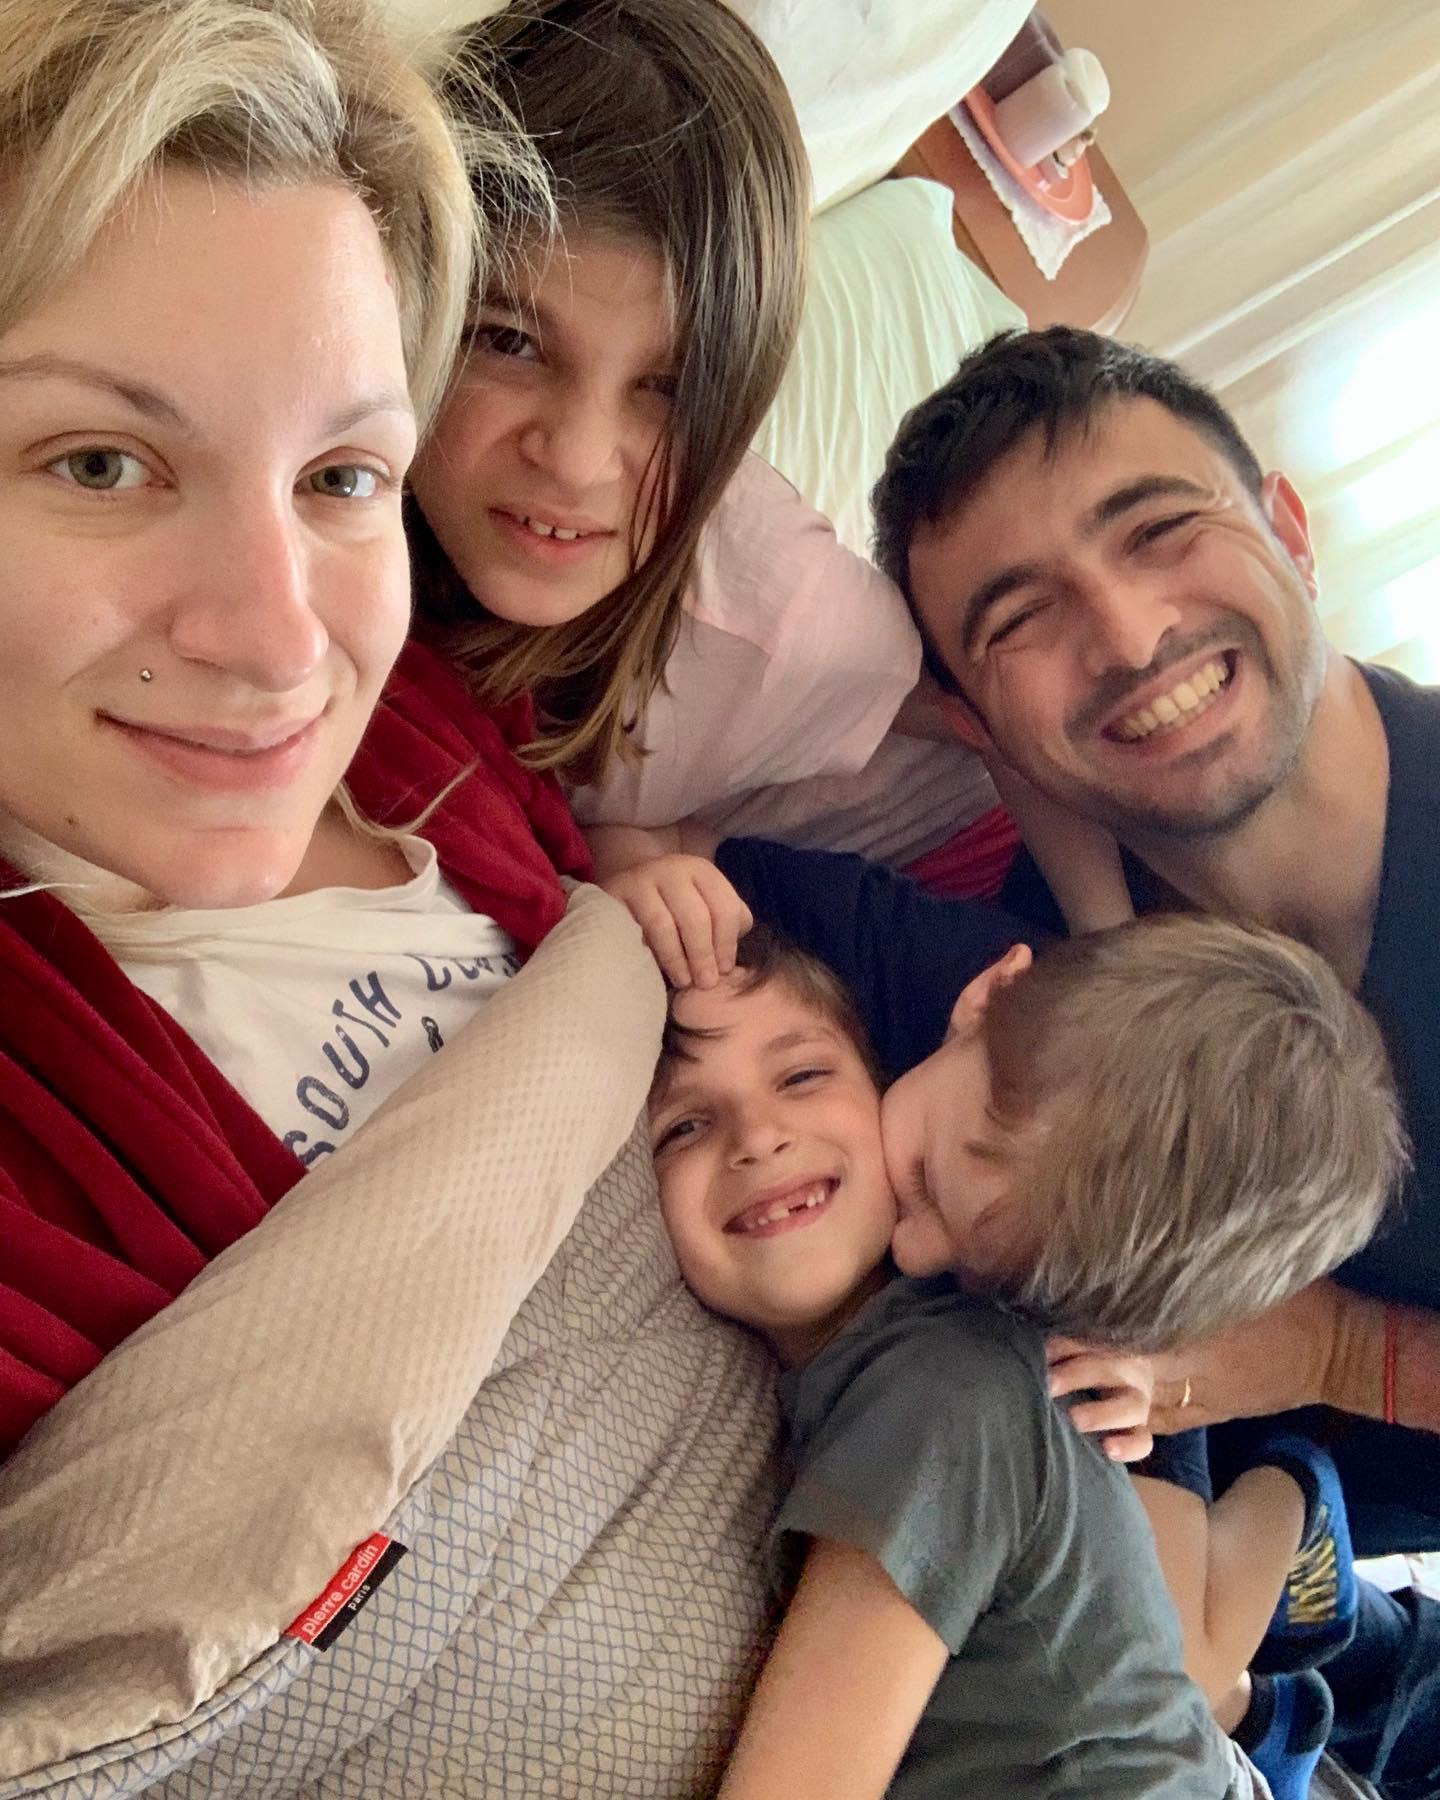 Ευχάριστα νέα για την Ολίβια Γαβρίλη μετά την αποβολή της